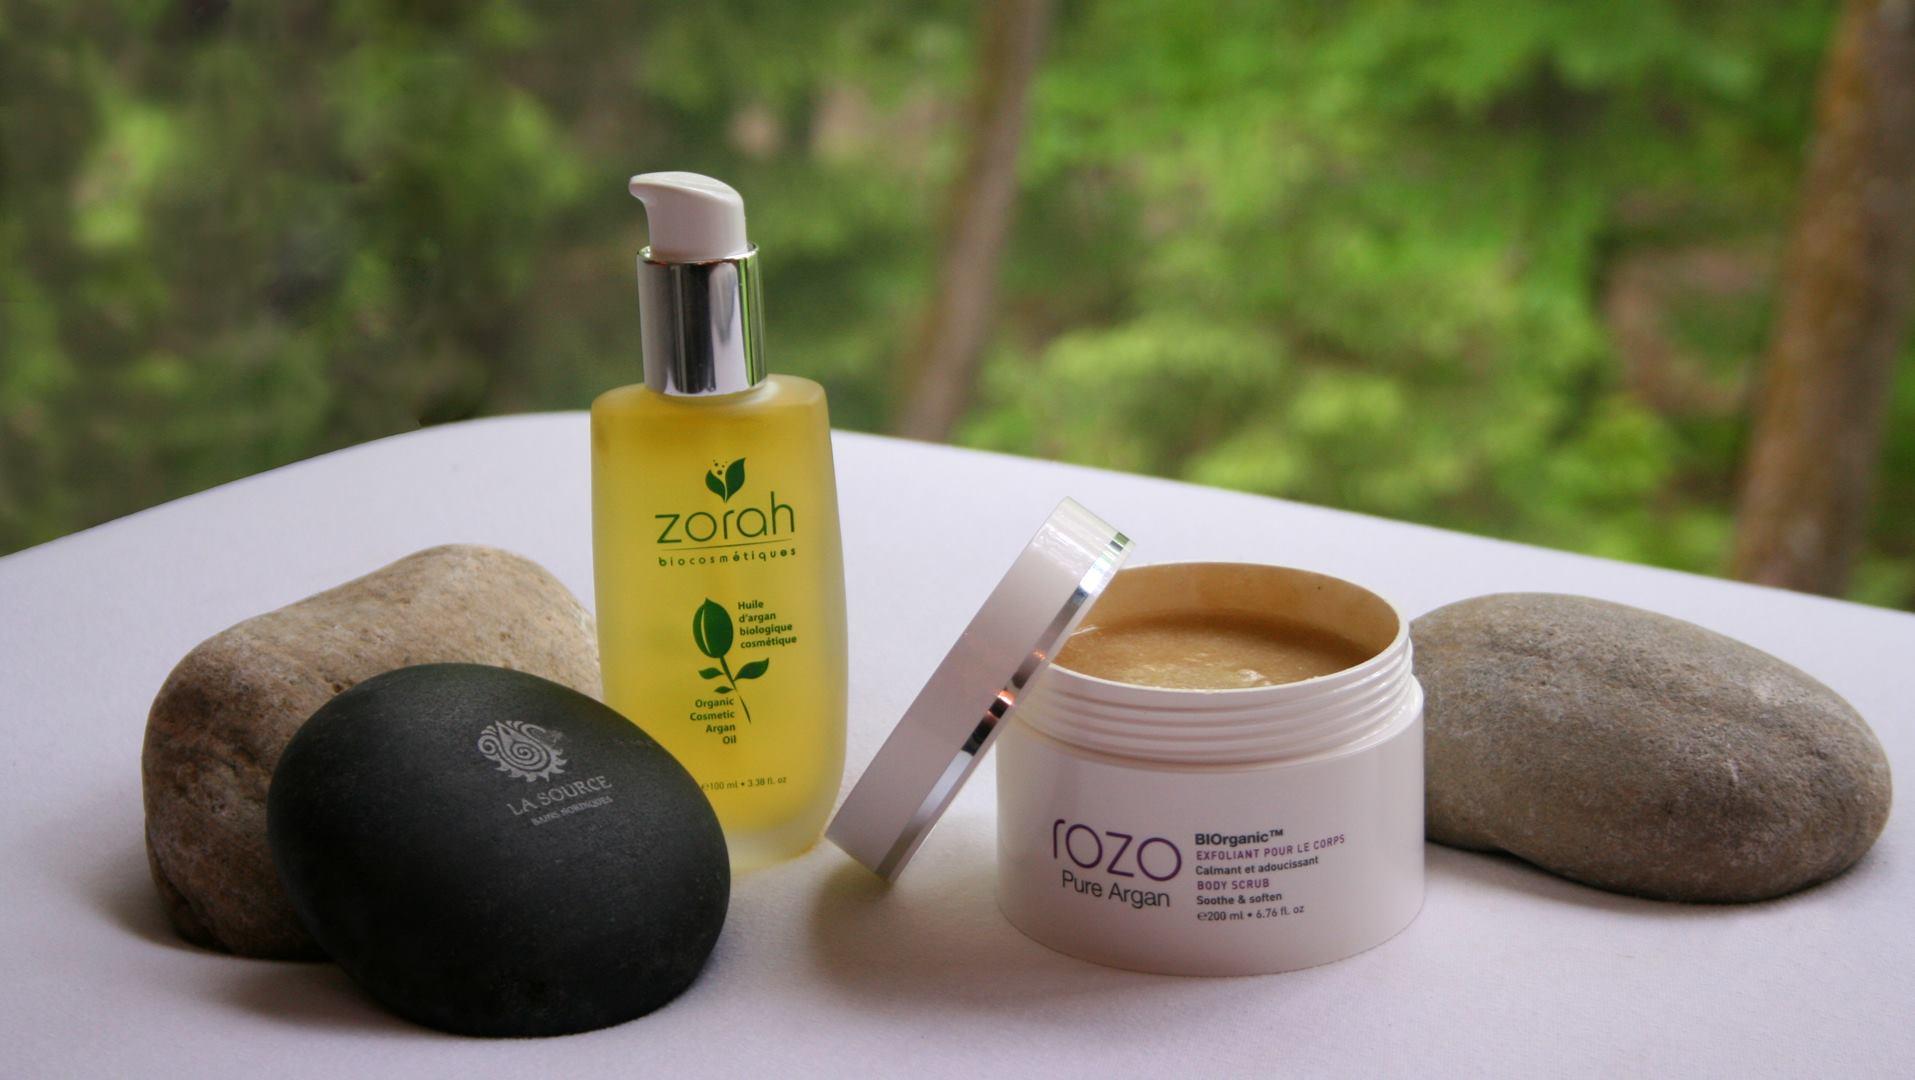 Produits Zorah biocosmétiques La Source bains nordiques